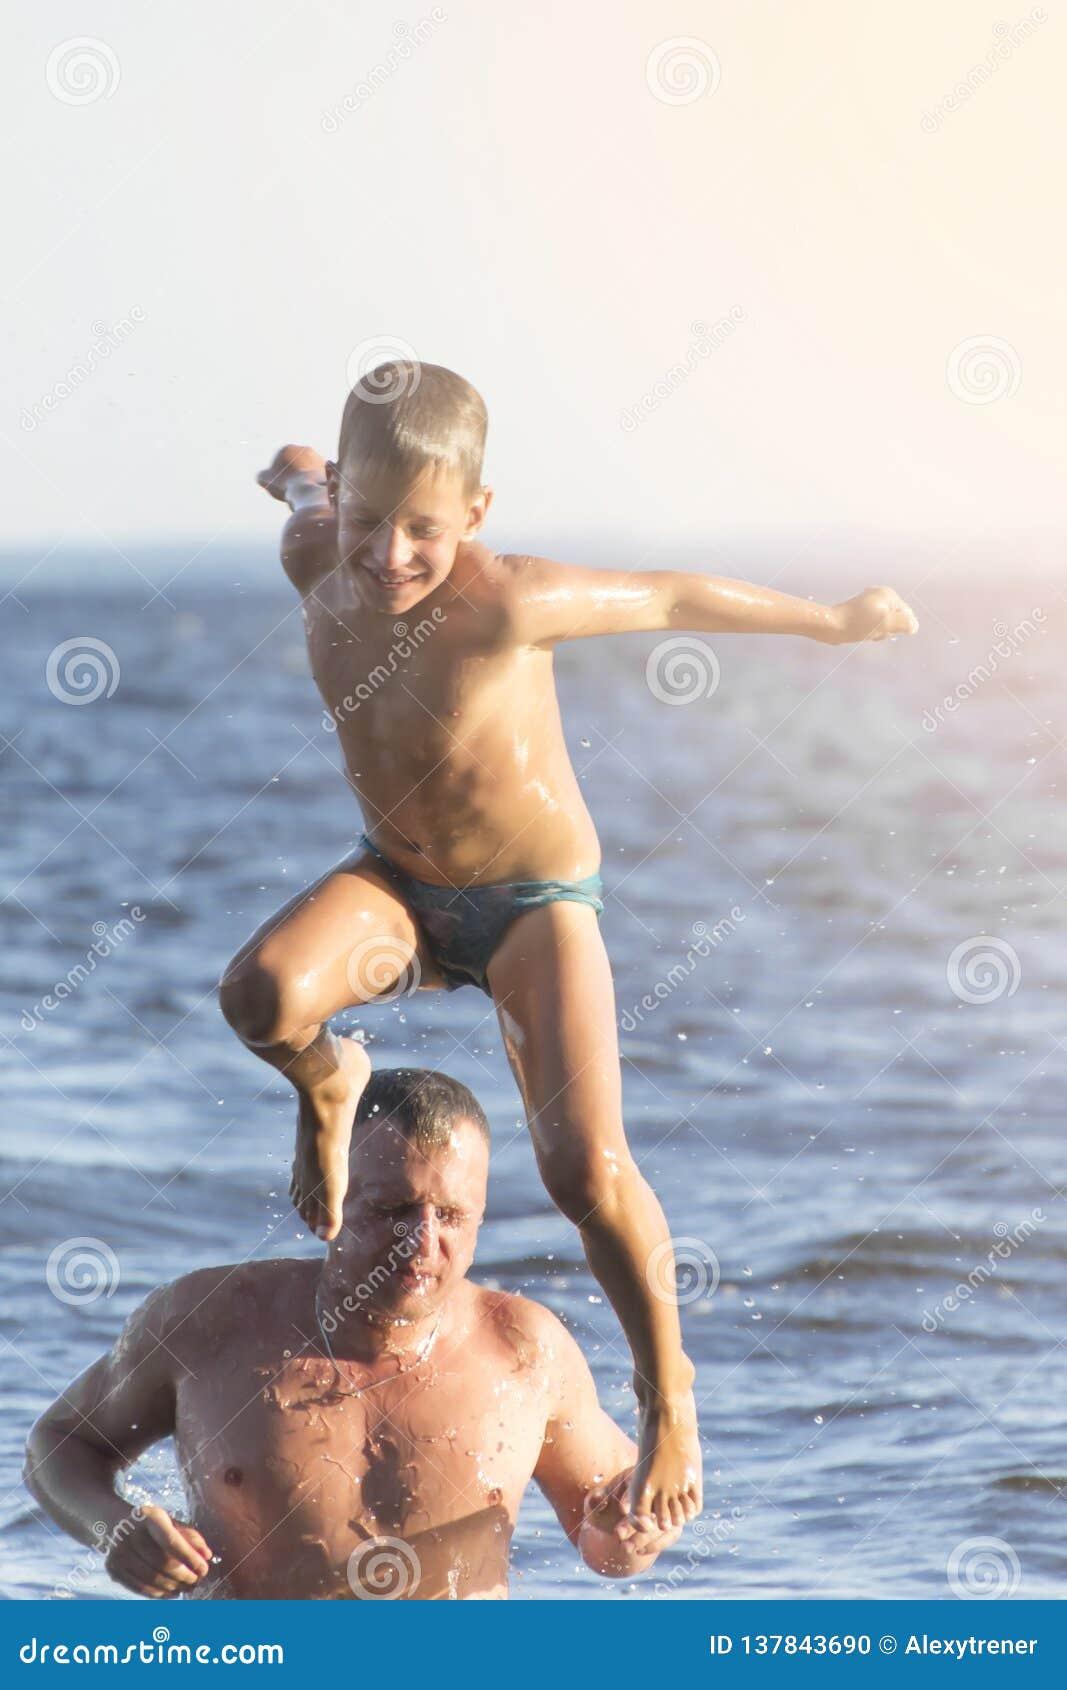 Salto en el agua El hombre y el muchacho se están divirtiendo y están salpicando en el agua Concepto de las vacaciones de verano